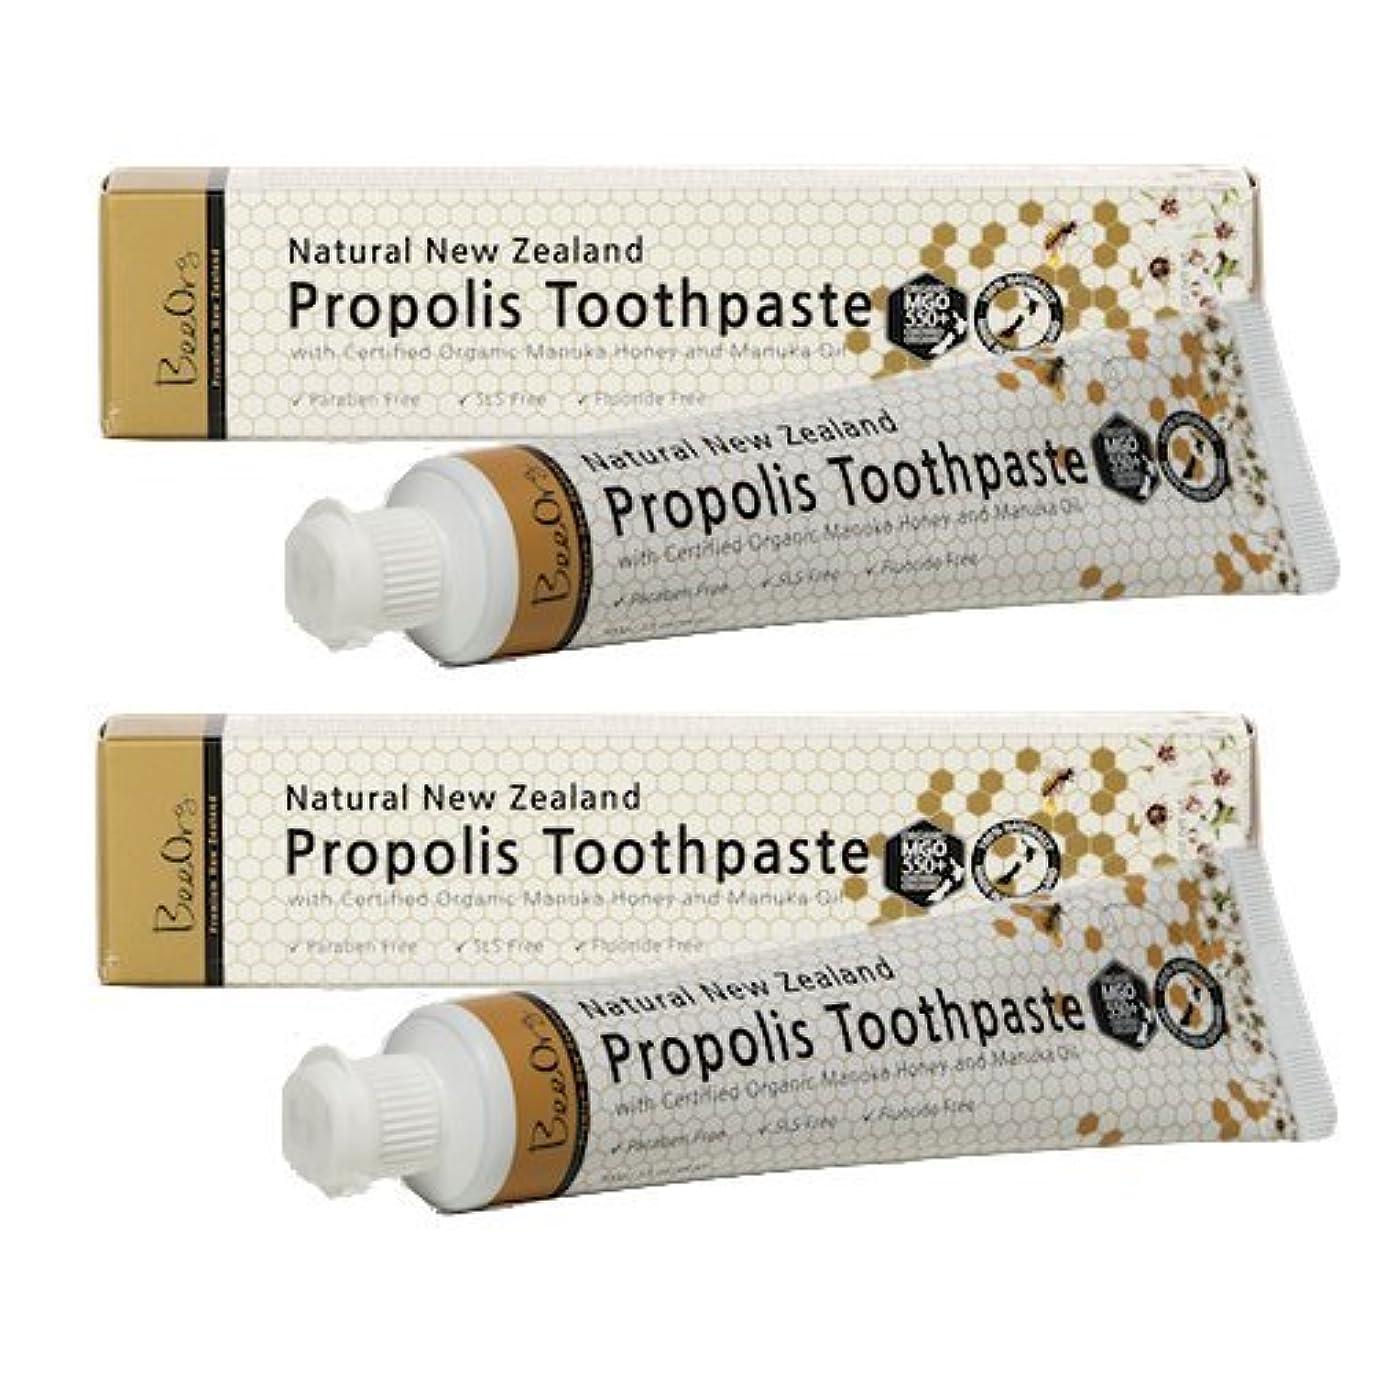 スクラップブック先入観検証プロポリス&オーガニック認定マヌカハニーwithマヌカオイル歯磨き 2本セット